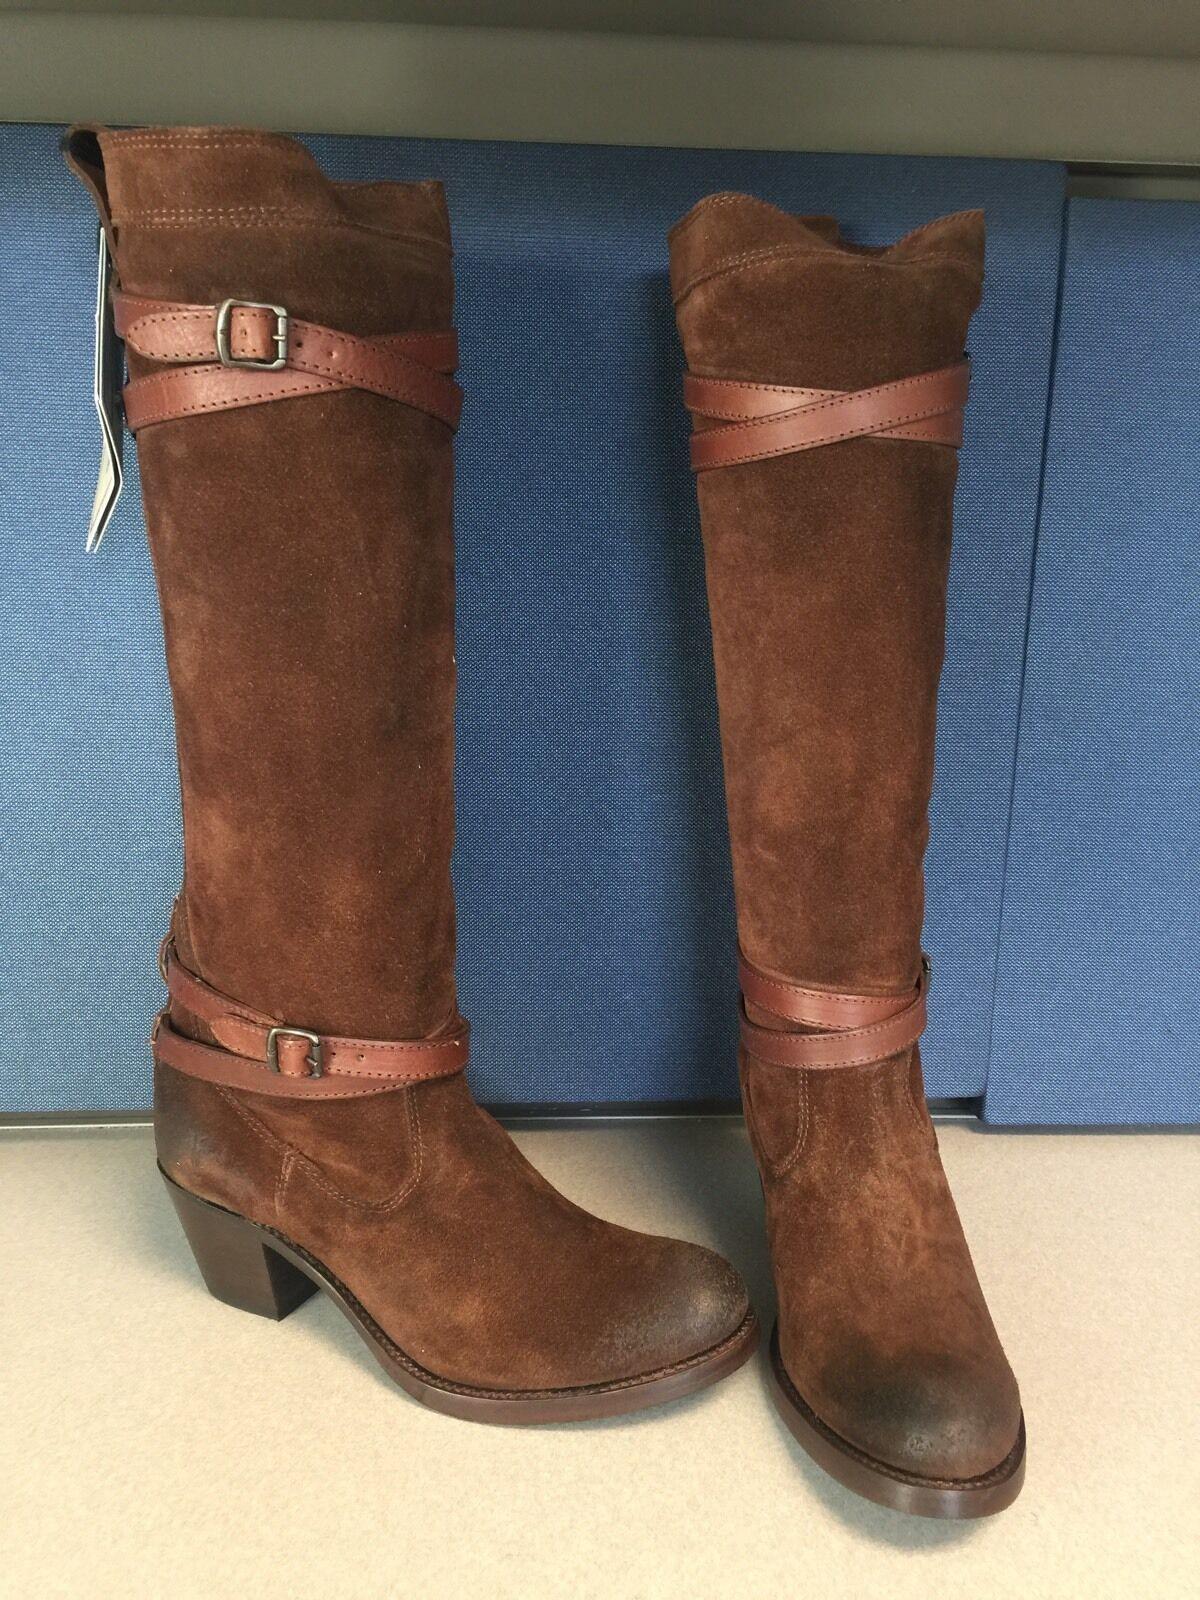 Frye Jane Atado Gamuza Marrón rodilla alta botas botas alta talla 6M  Nuevo 348cb2